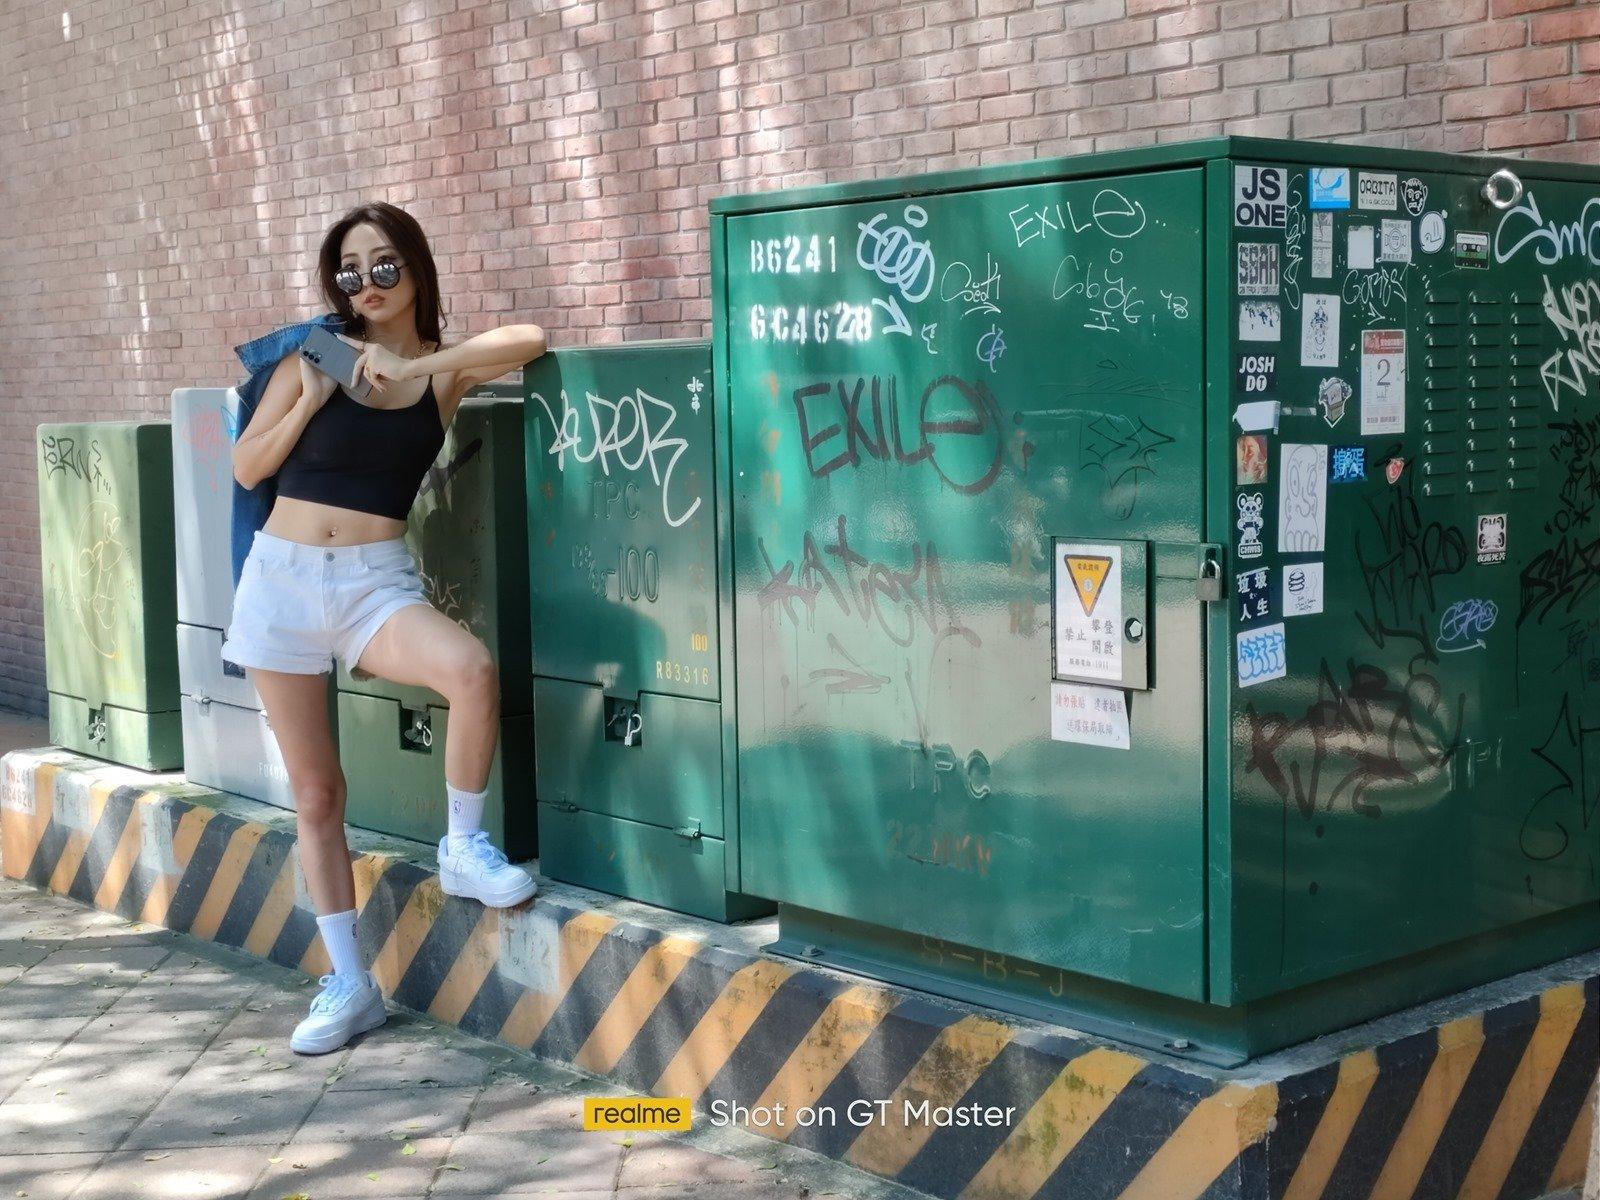 個性化十足!深澤直人操刀設計的 realme GT 大師版開箱分享 + 相機實拍分享 @3C 達人廖阿輝